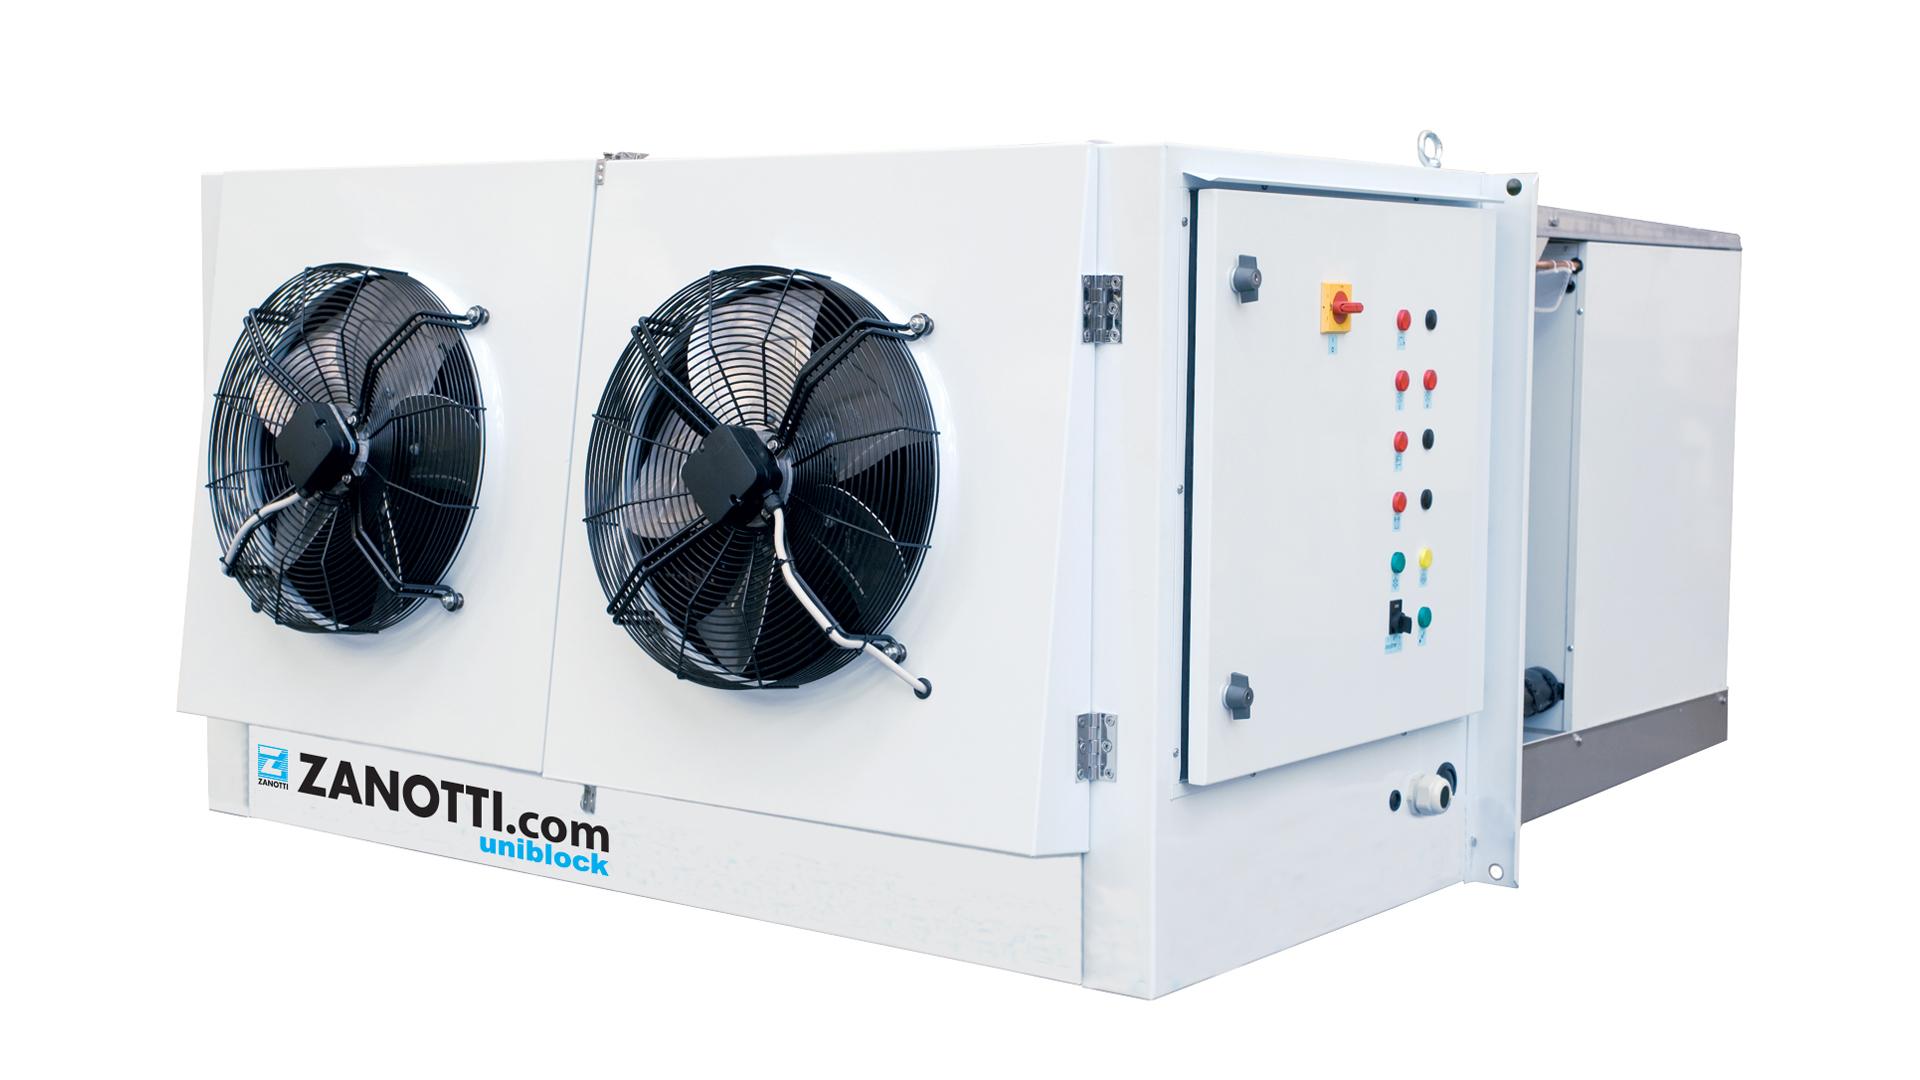 Impianto per cella frigorifera, modello Zanotti RS2